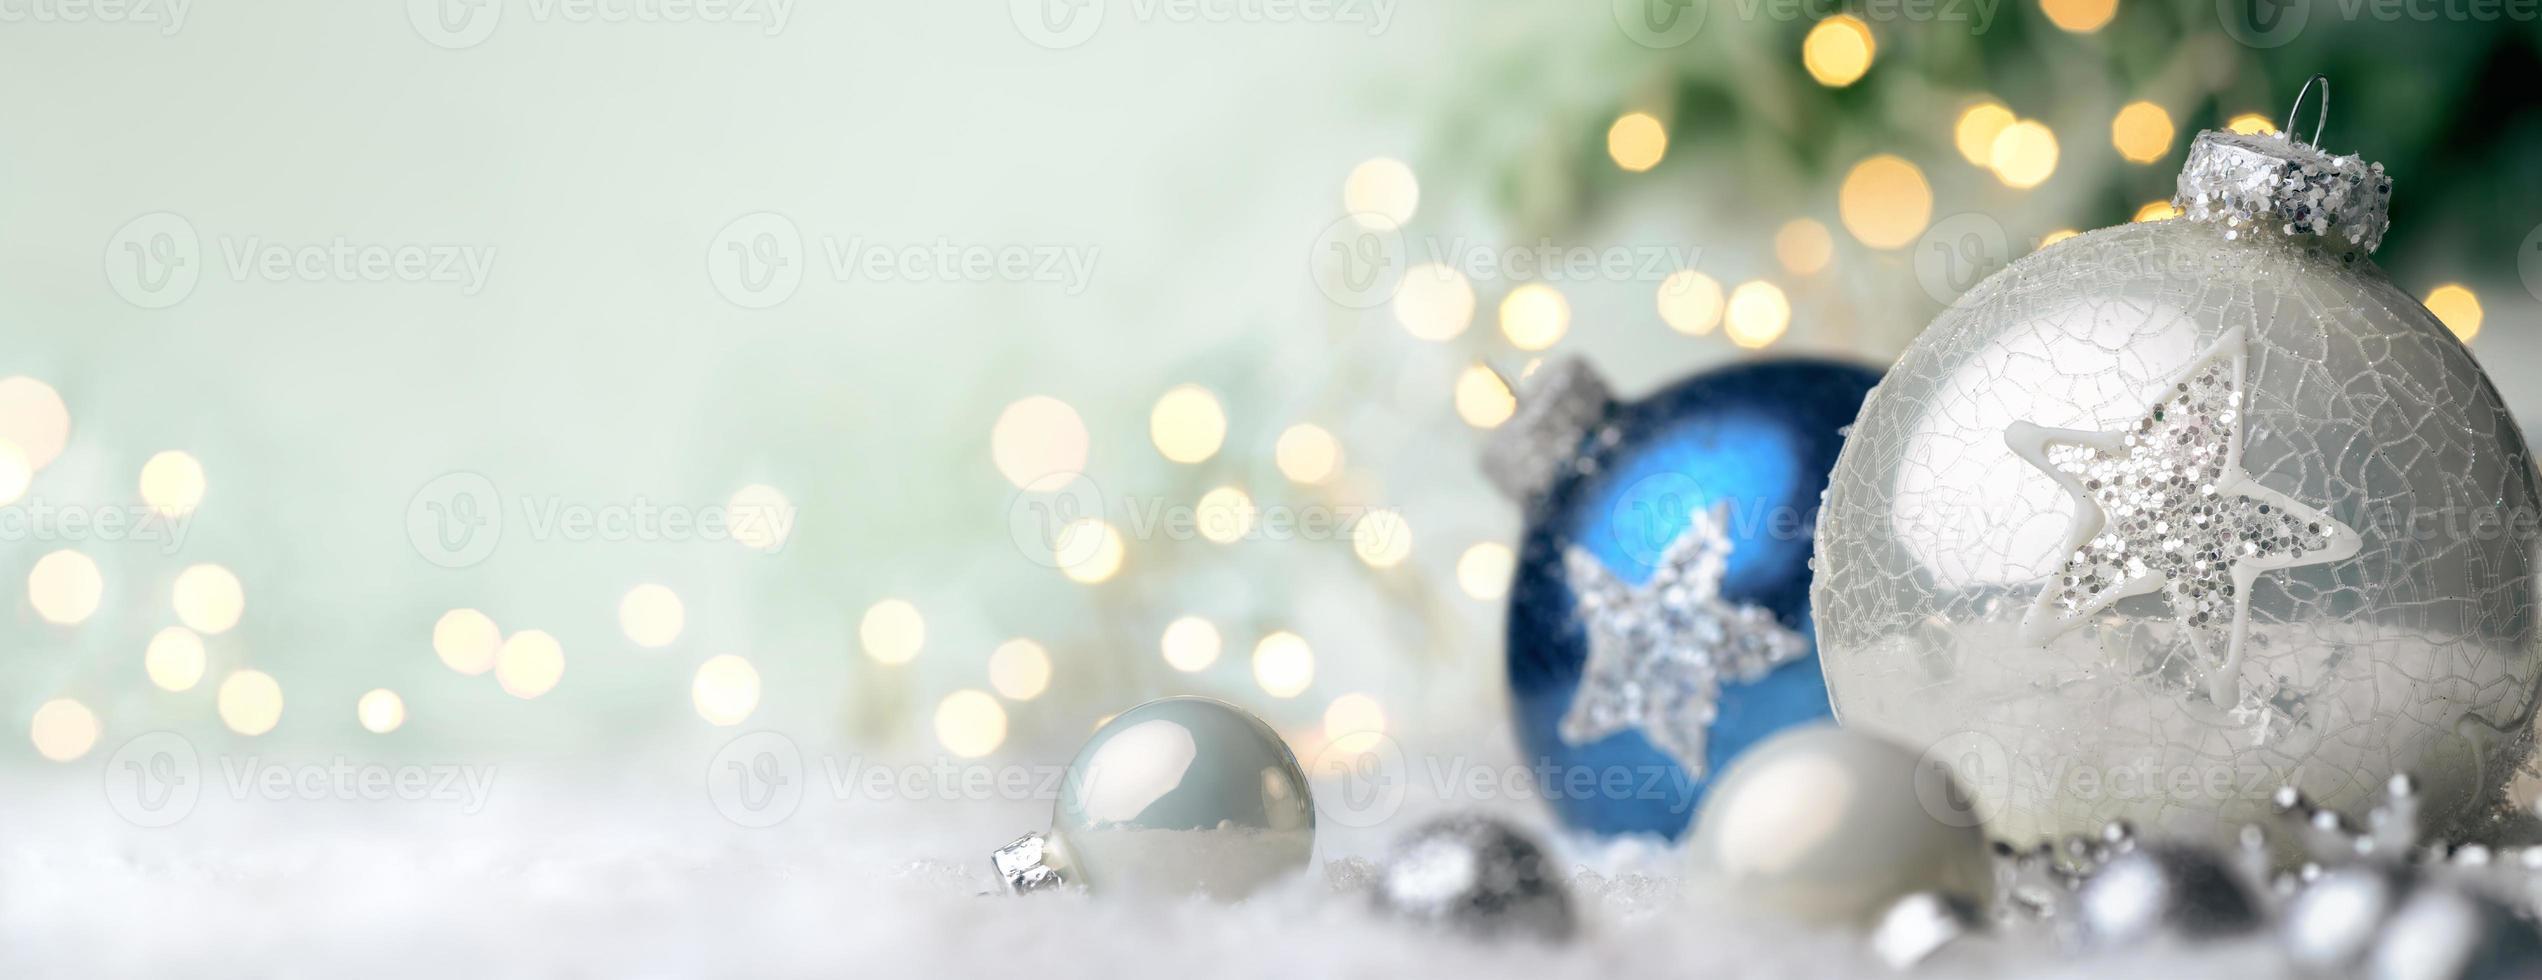 Weihnachtsschmuck mit Copyspace foto